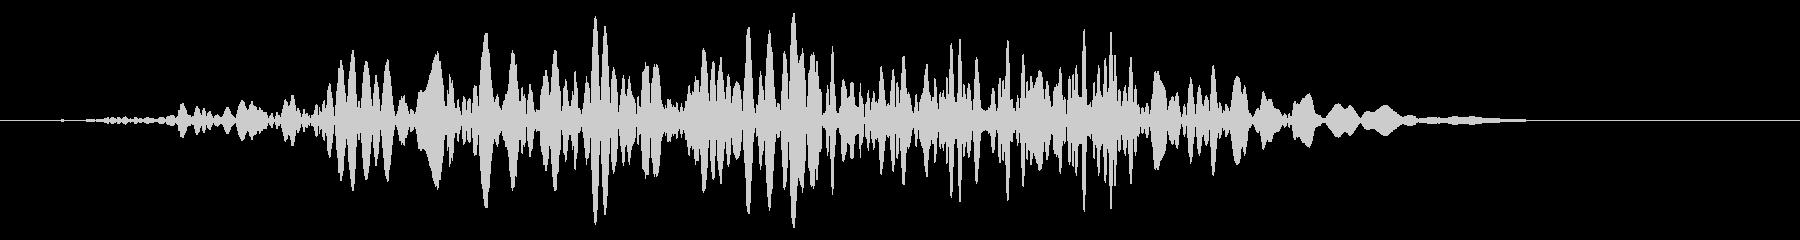 カエル モンスター キャラタップ 通常の未再生の波形